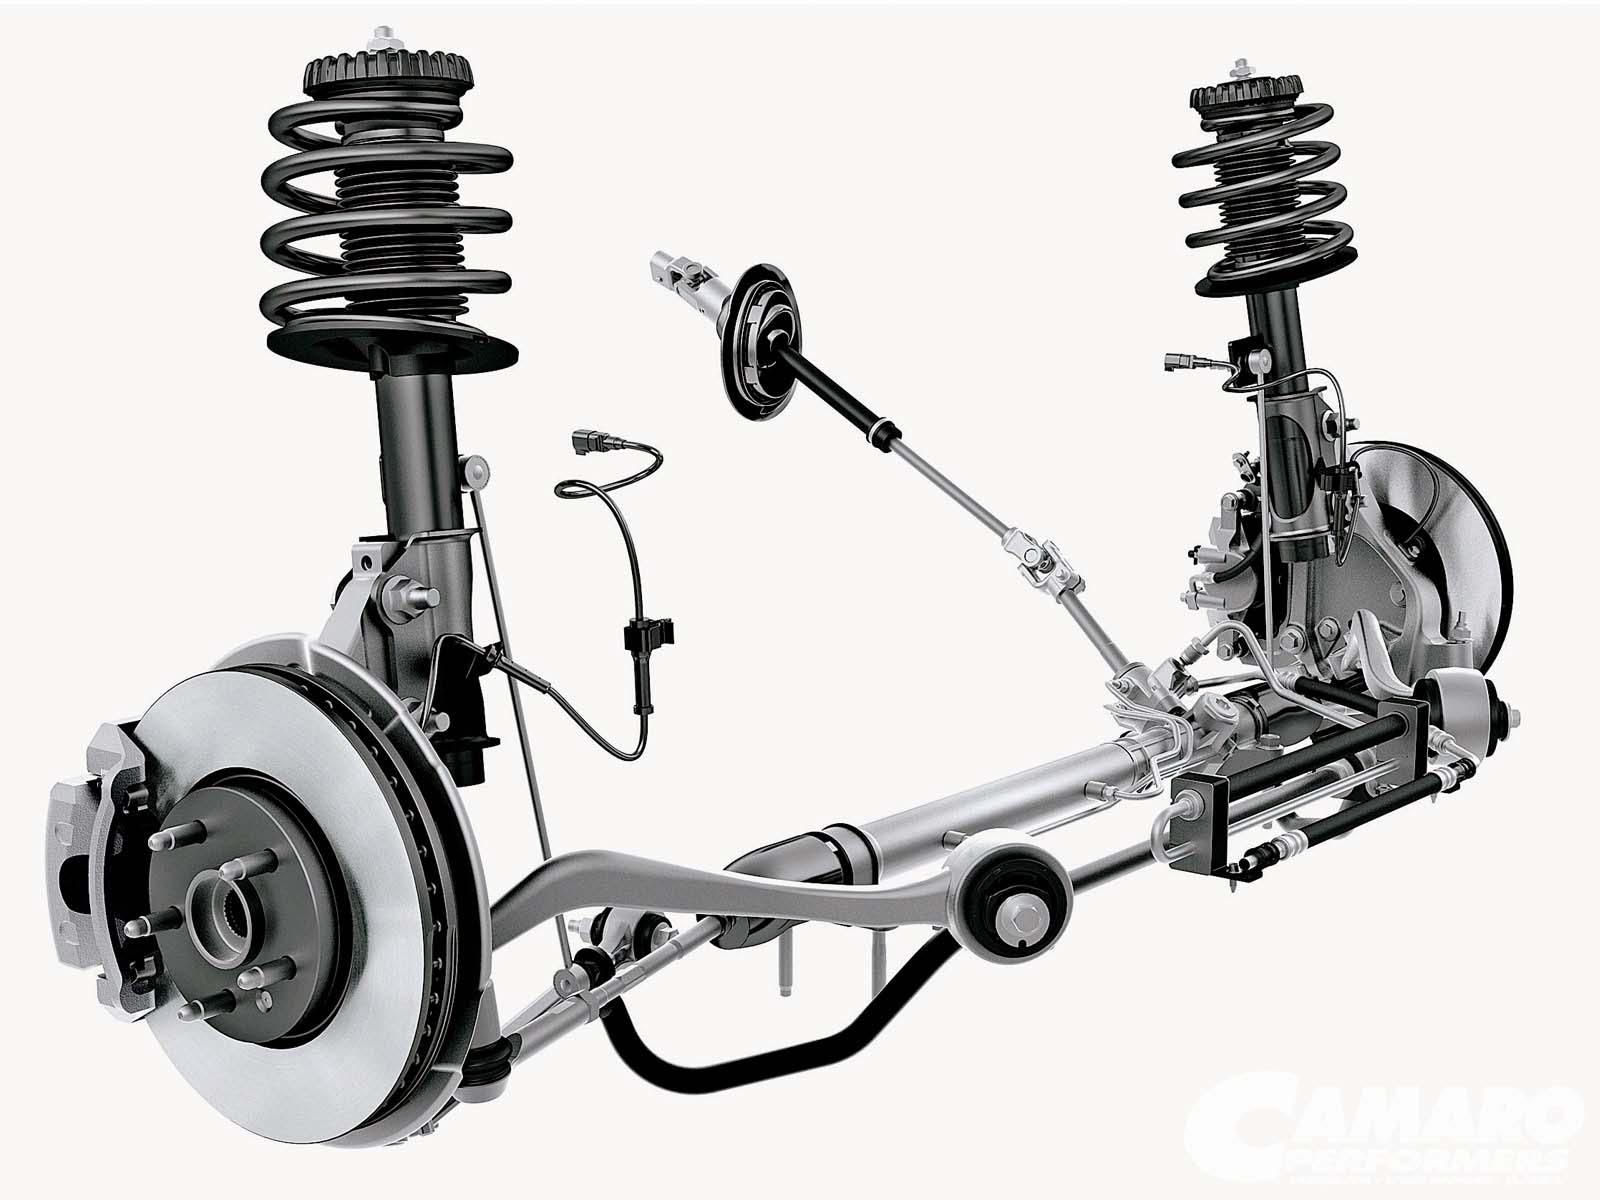 стук в рулевой рейке форд фокус 2 ремонт своими руками